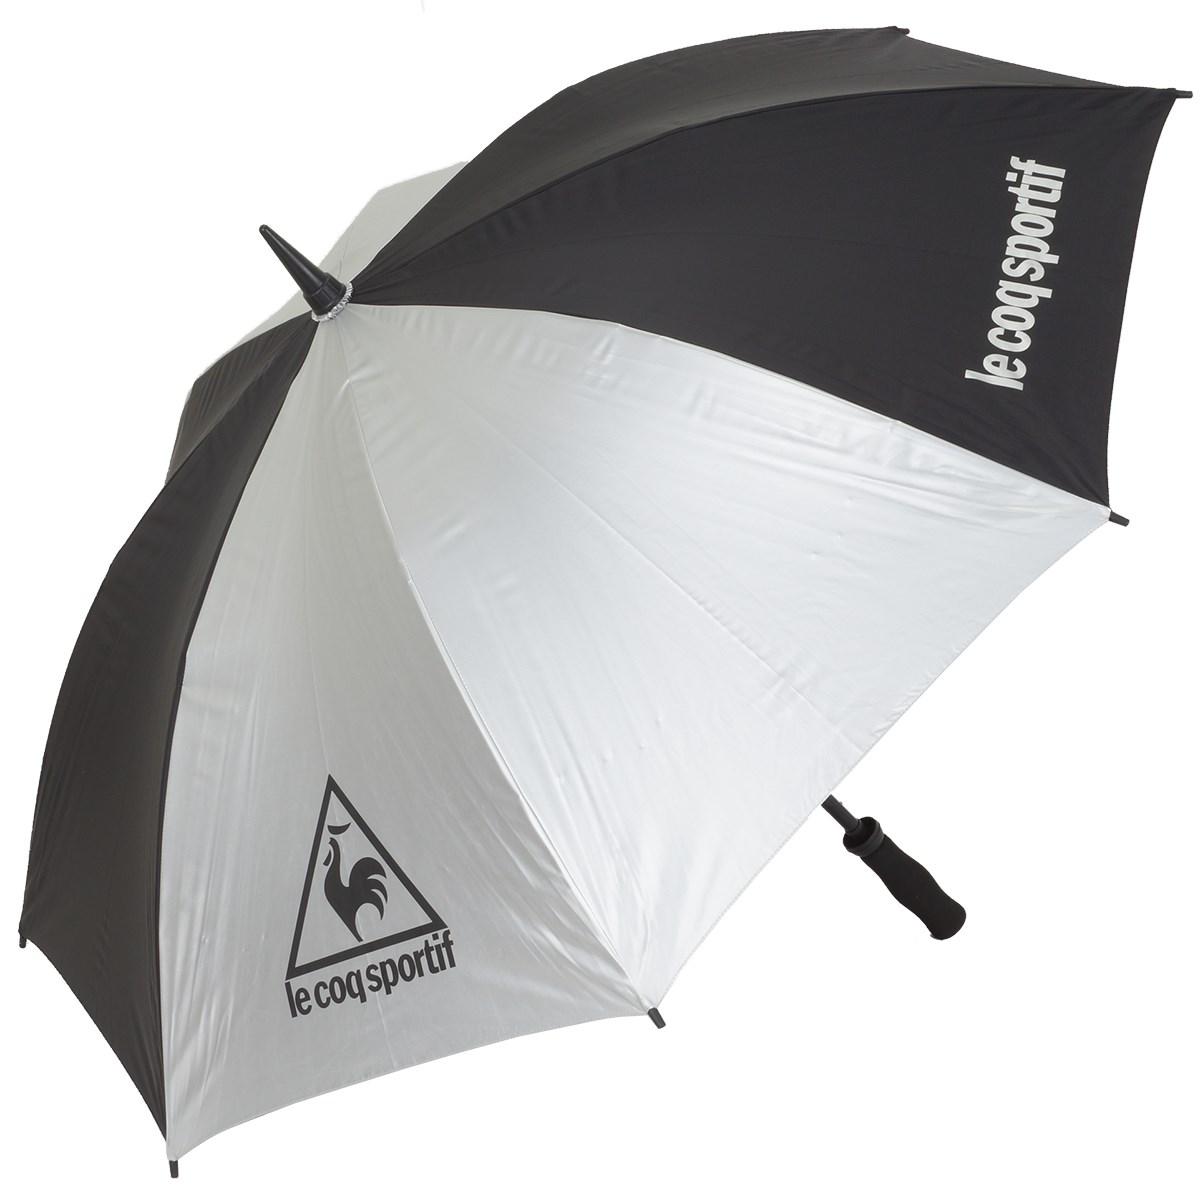 ルコックゴルフ Le coq sportif GOLF 全天候傘 シルバー N500